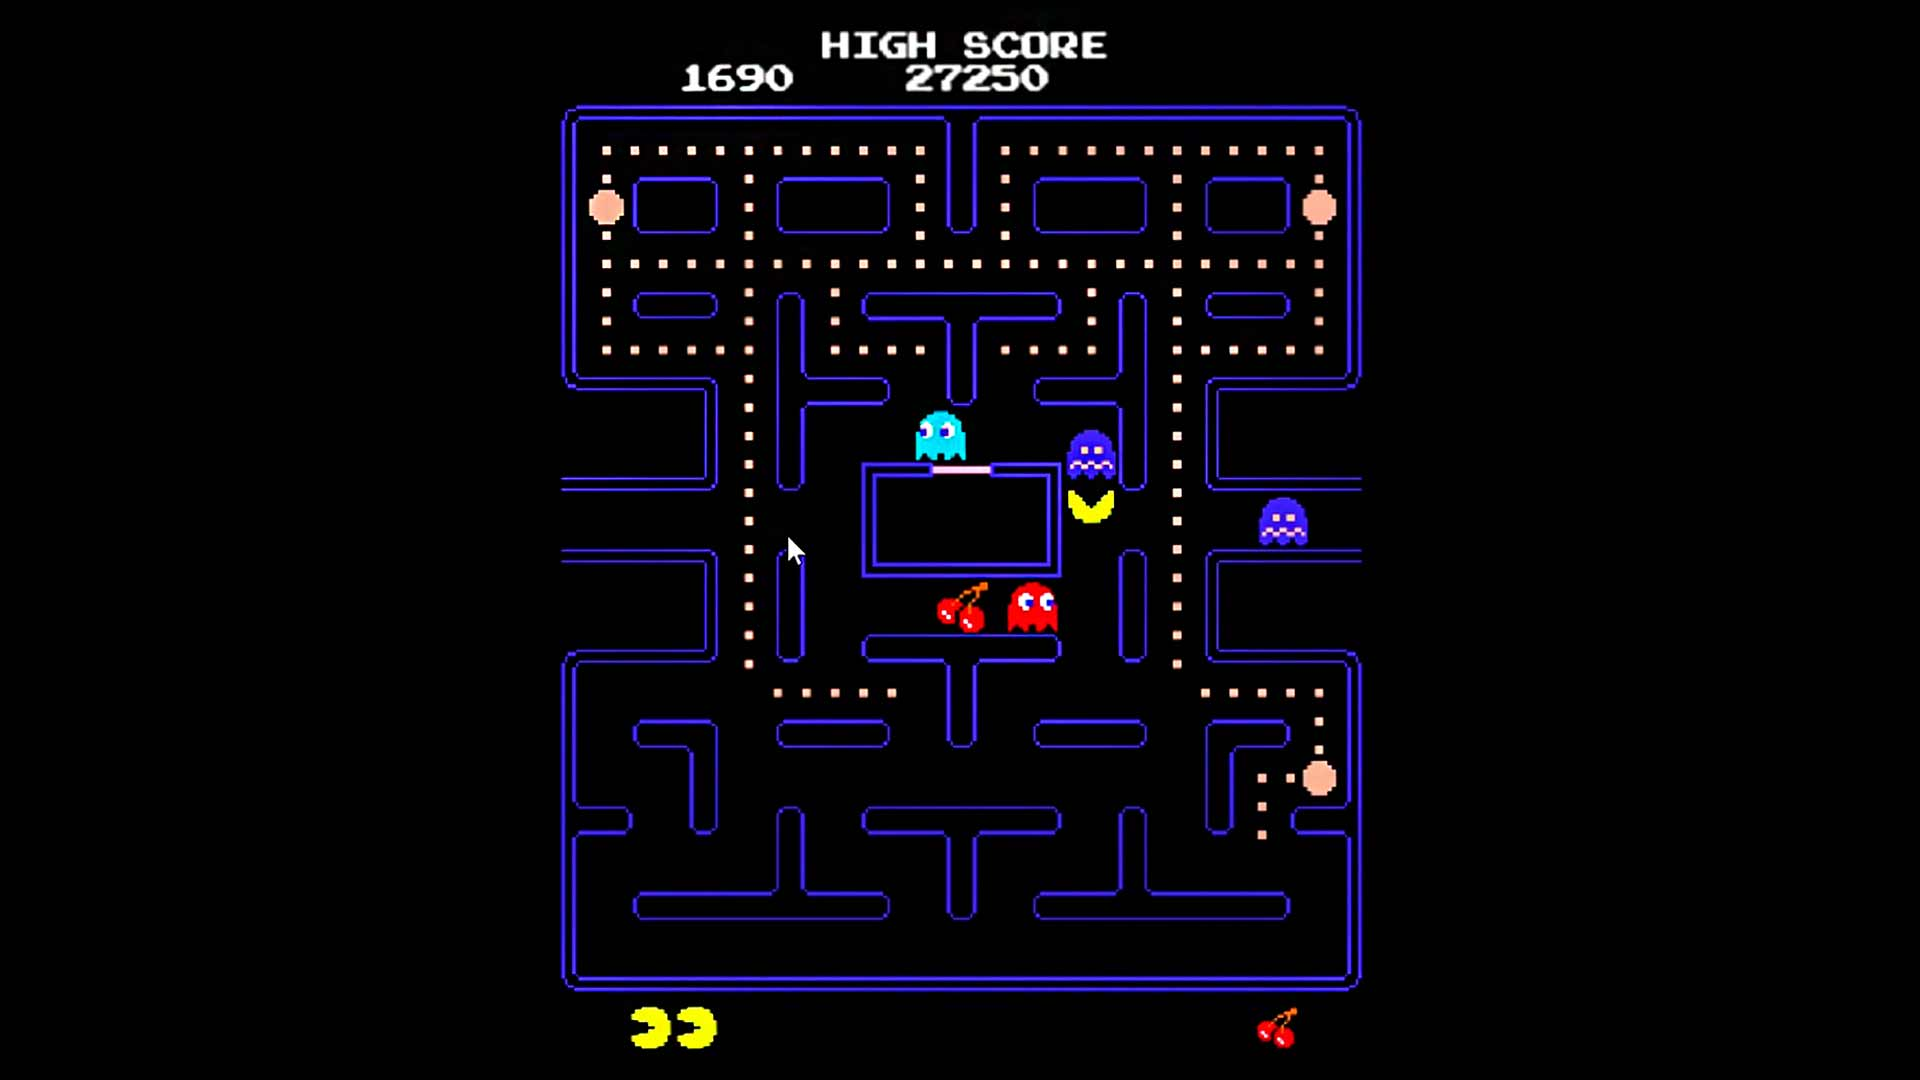 Jogo do Pac-Man clássico